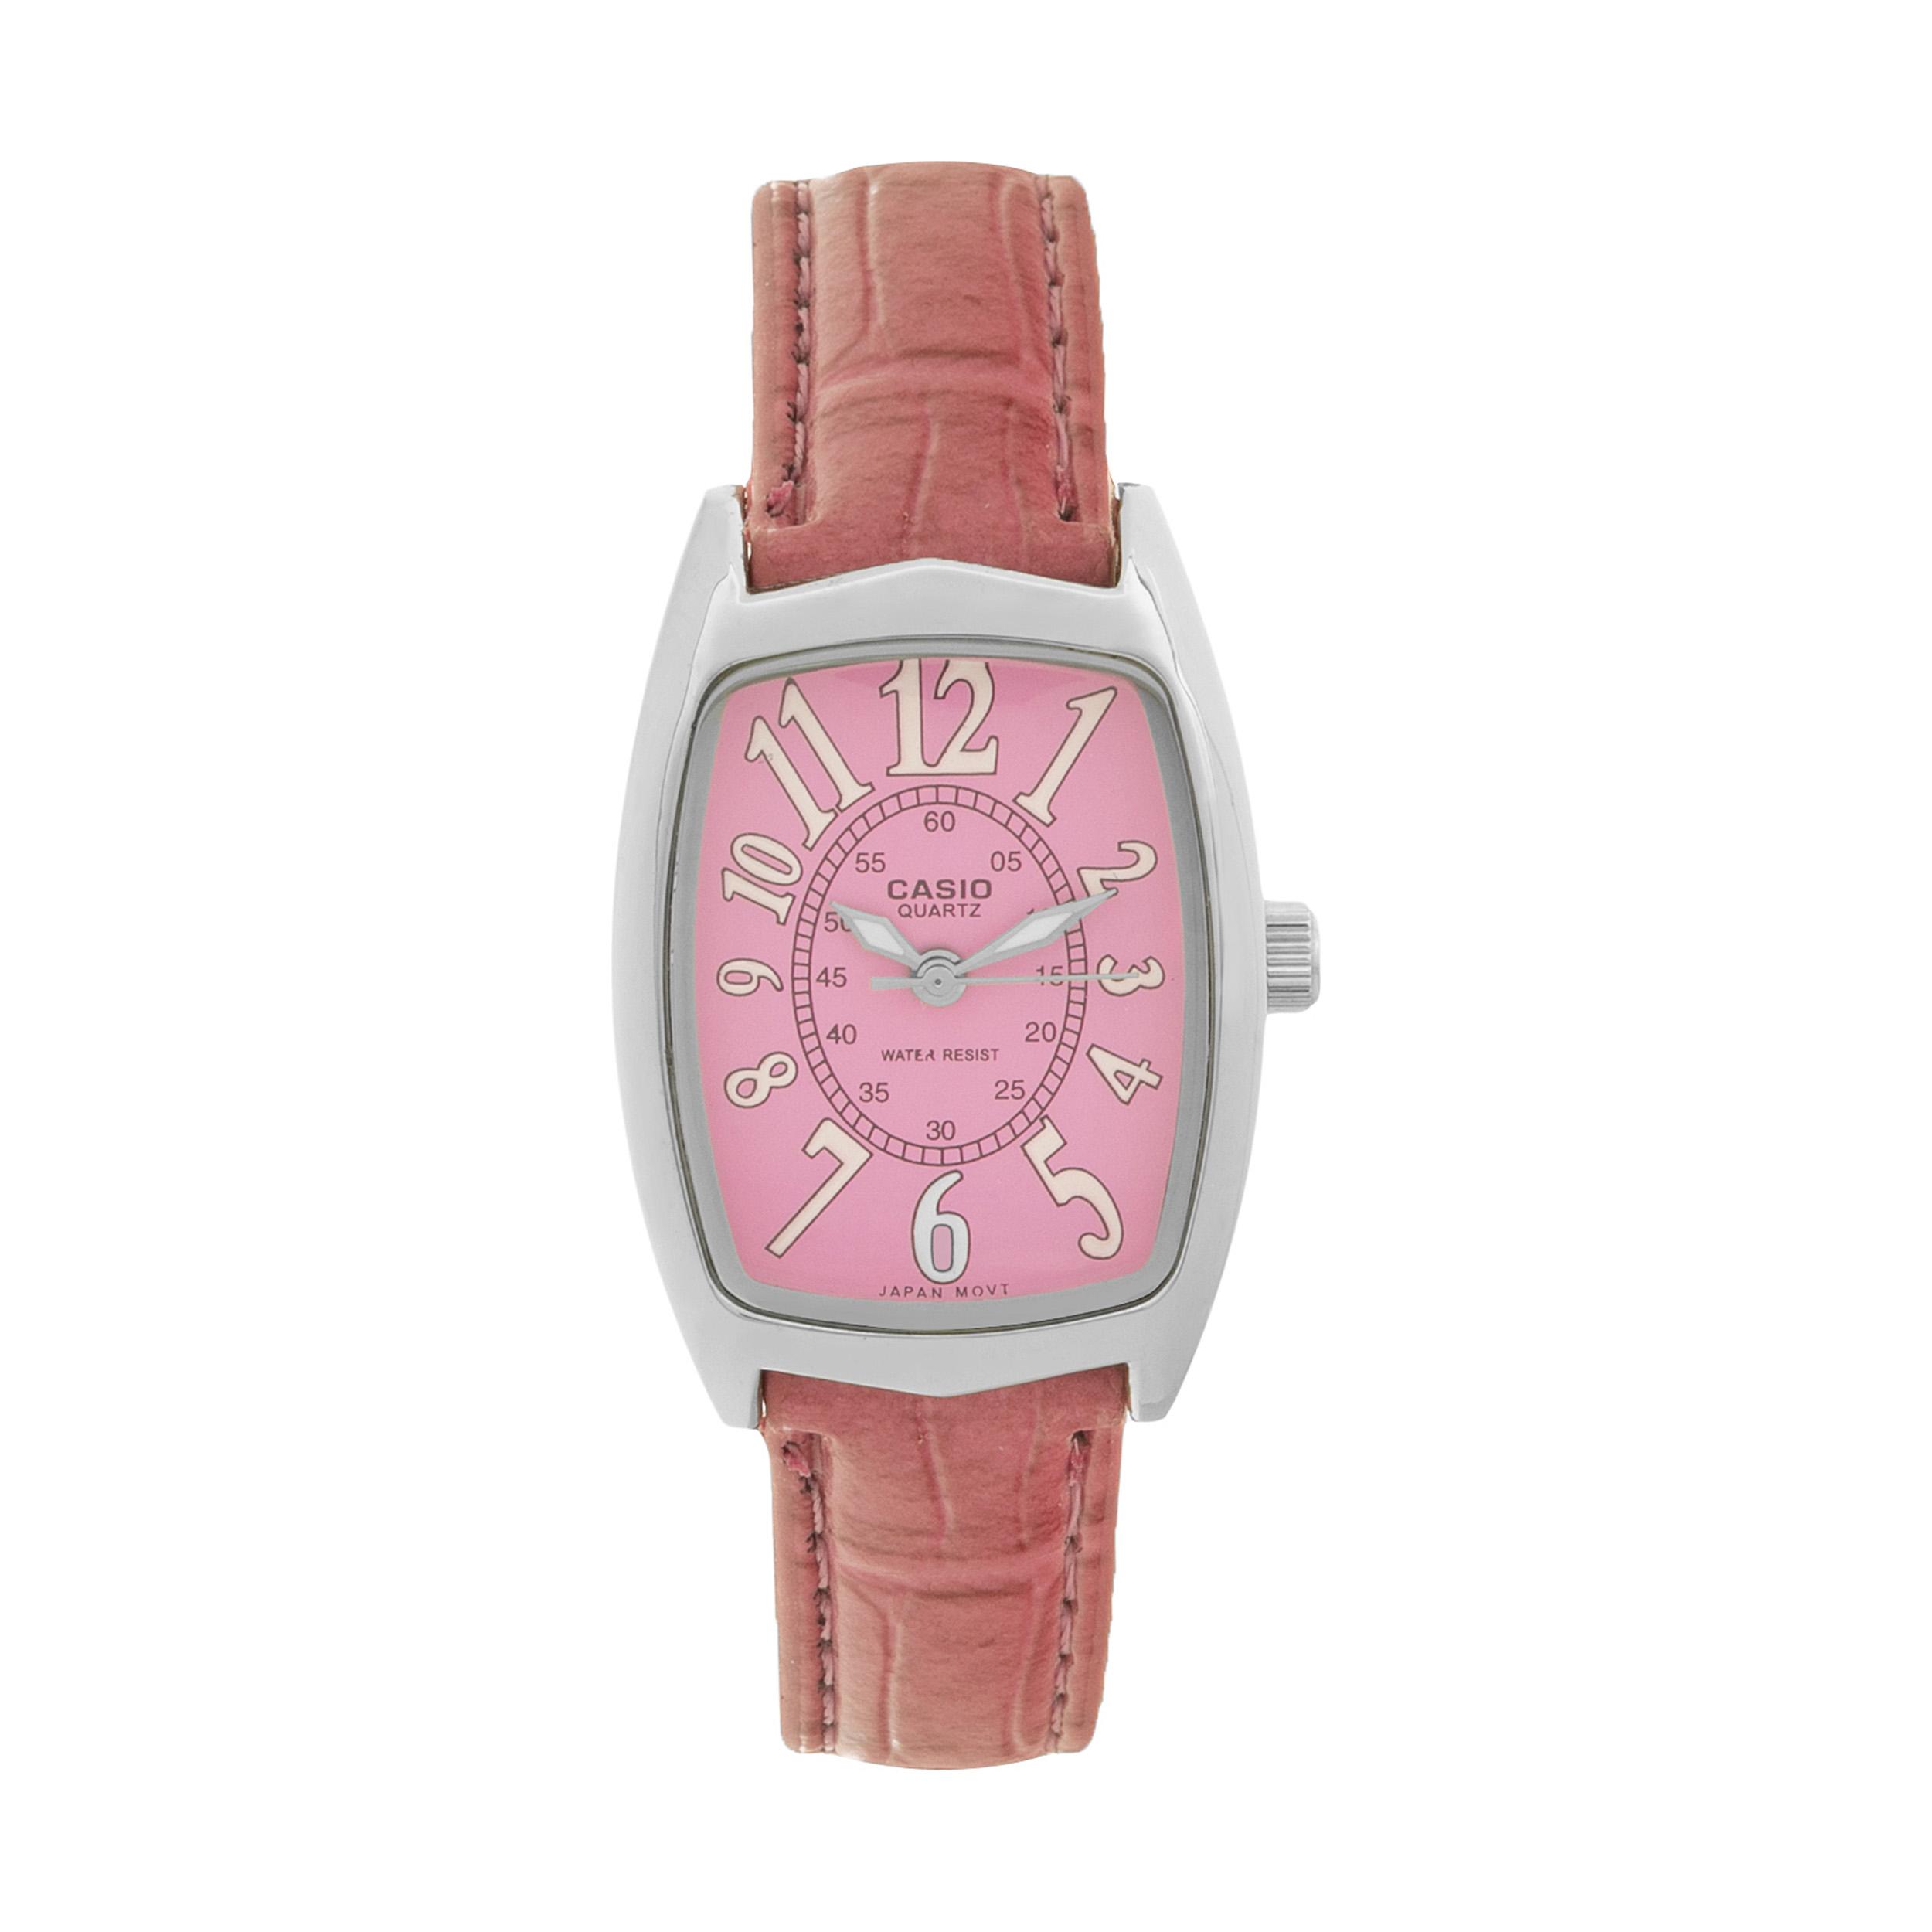 ساعت عقربه ای زنانه کد CA-1208-2